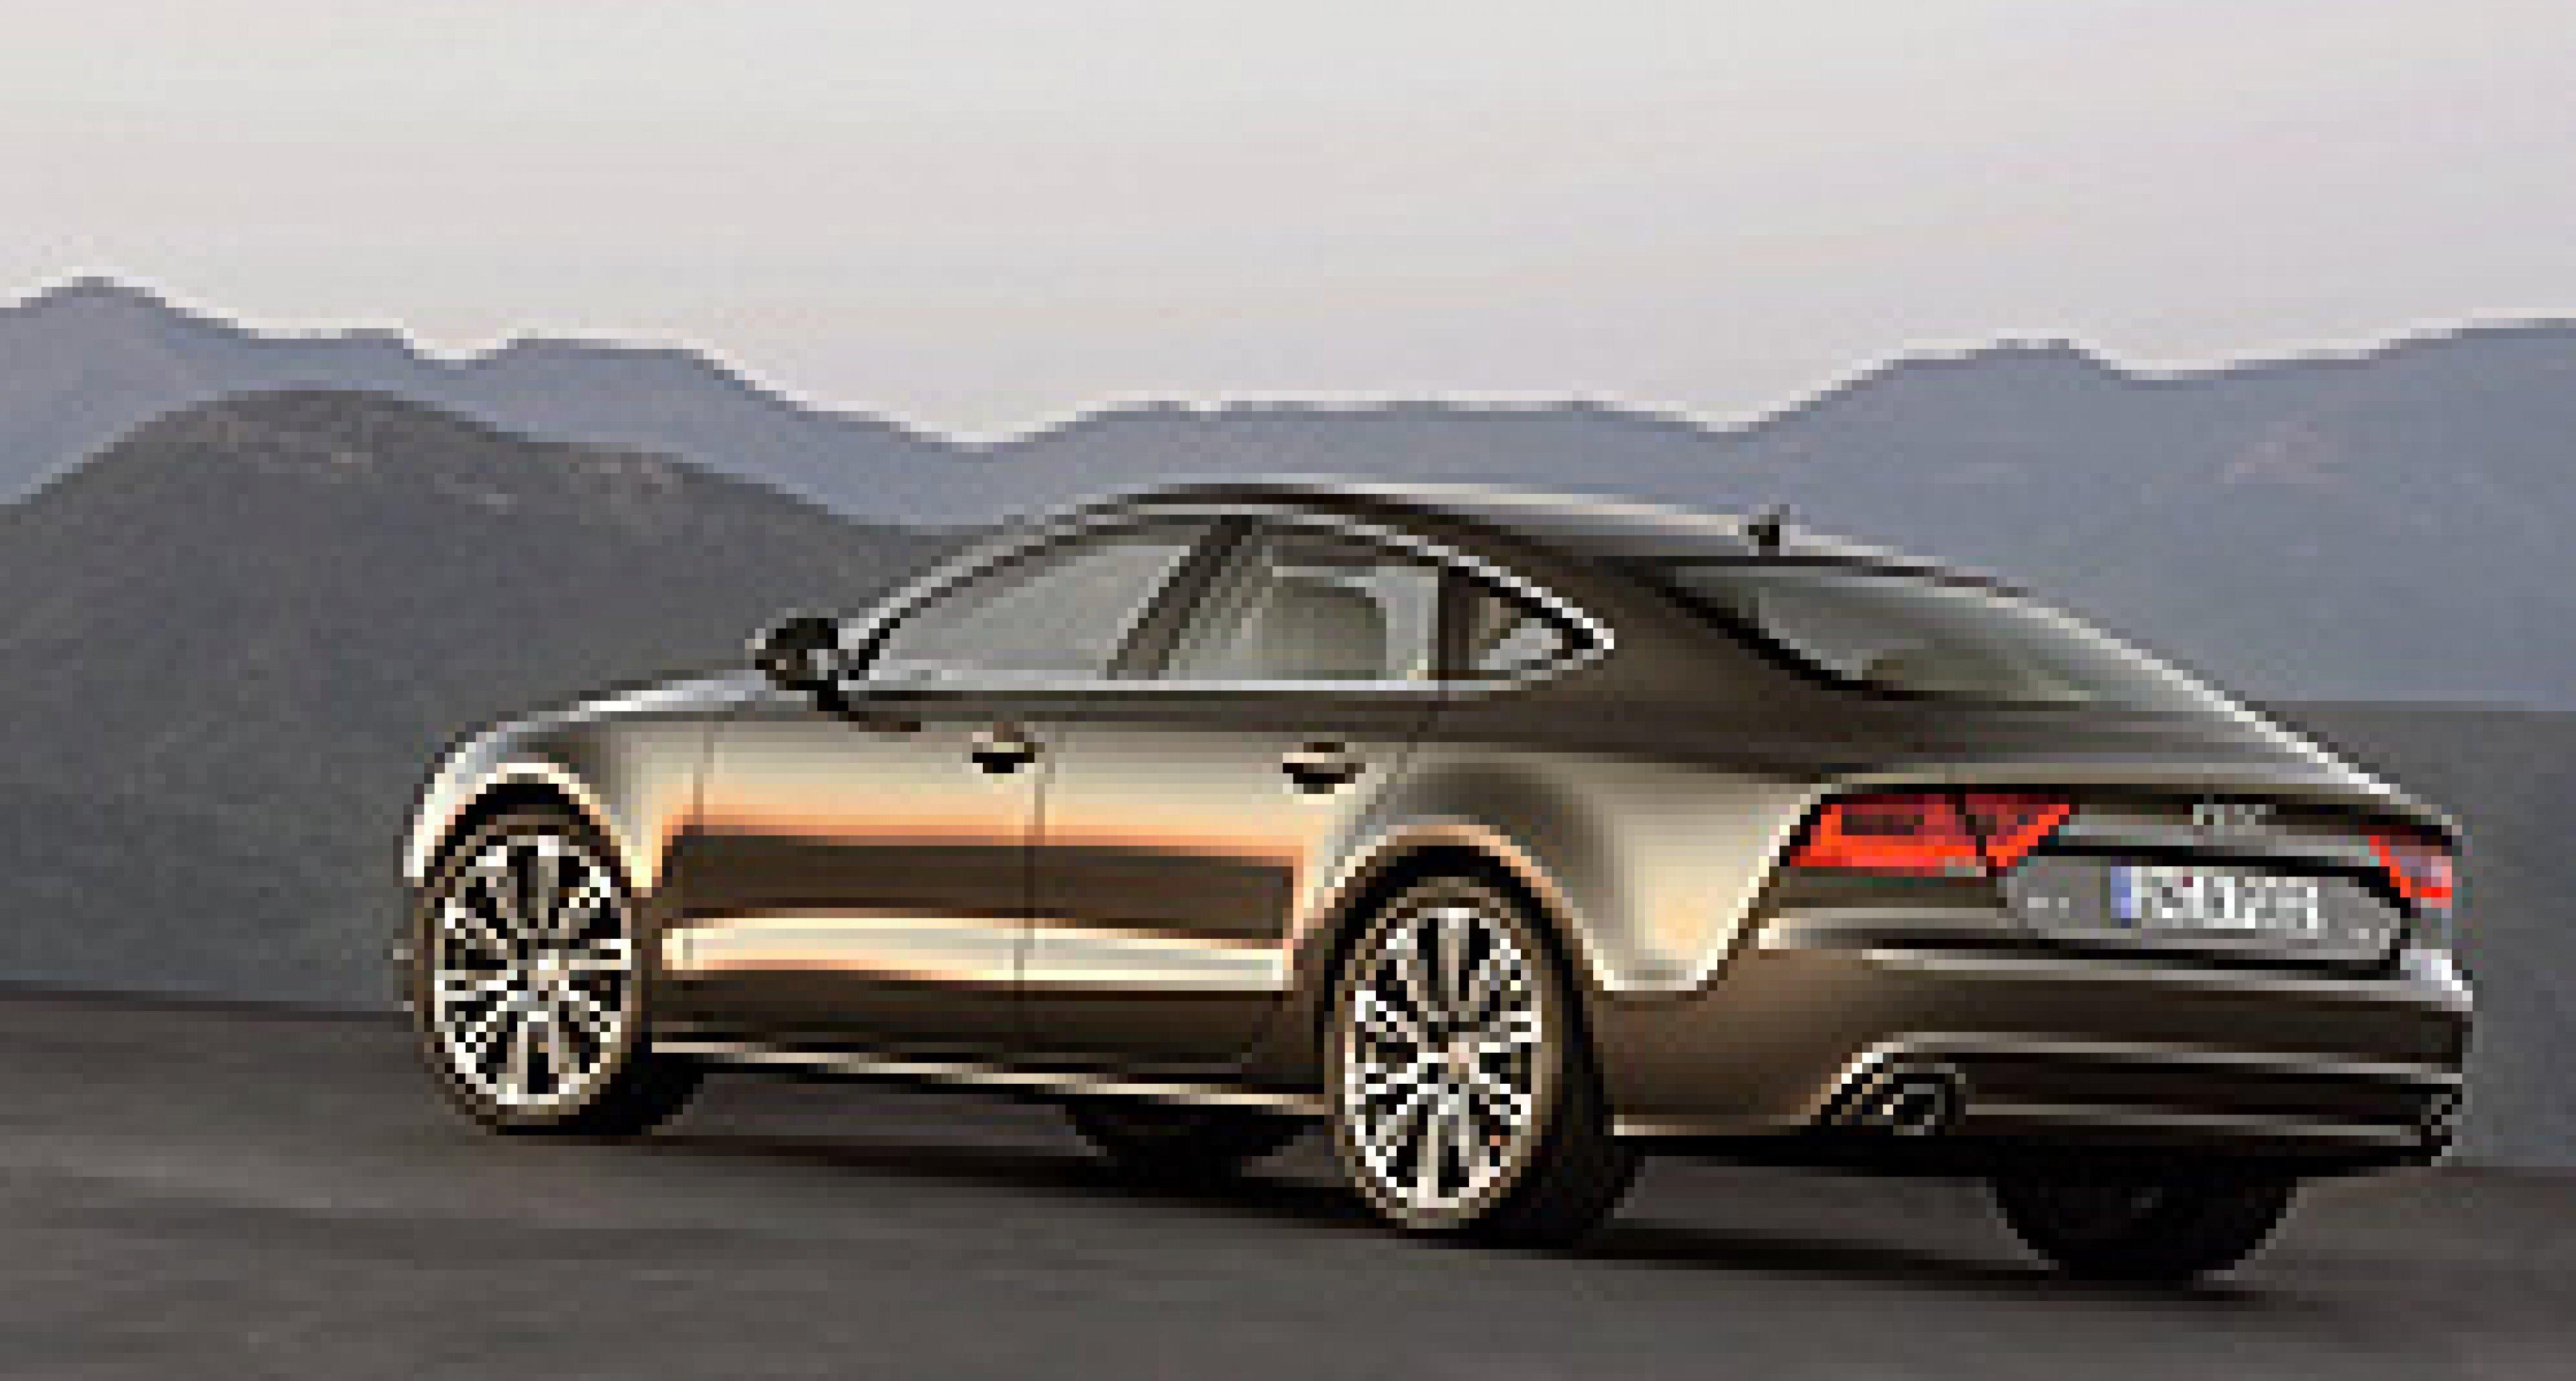 Audi A7-Zukunft: Neue Sportversionen für 2011?